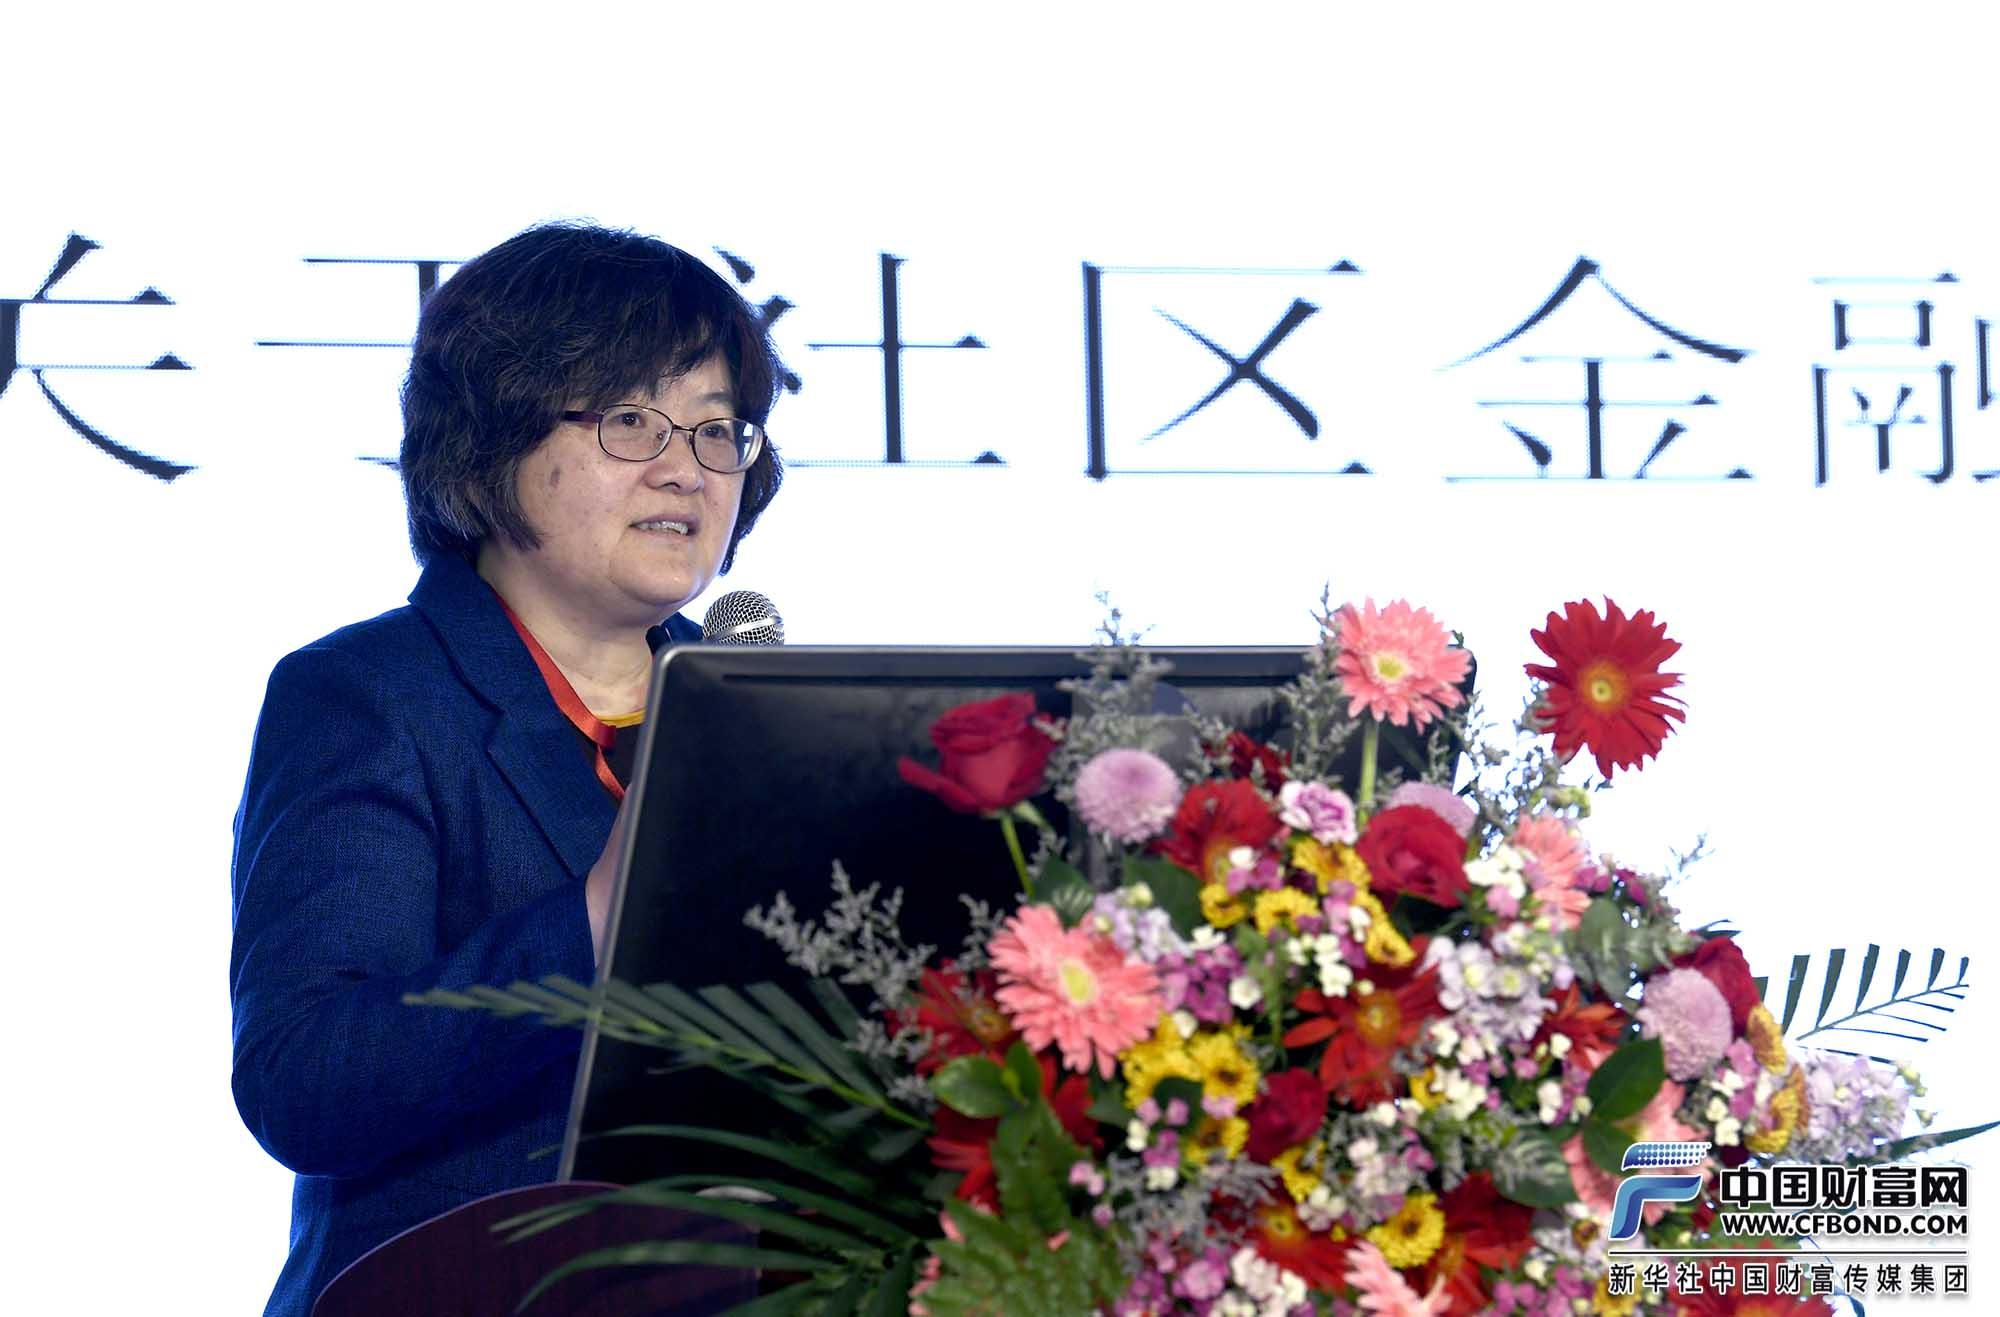 主题演讲:国务院发展研究中心金融研究所原所长张承惠